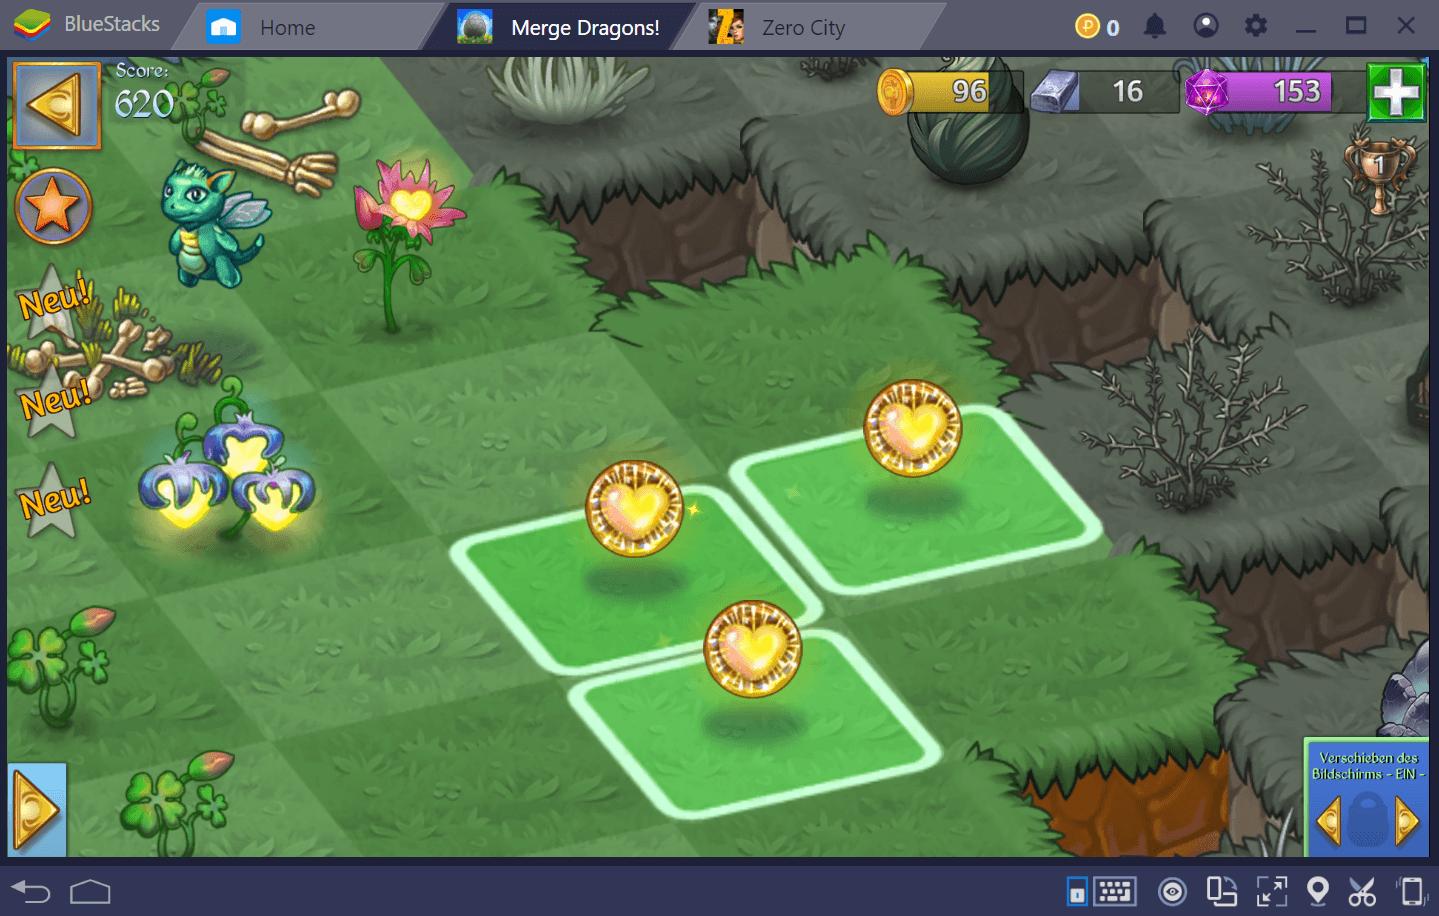 Merge Dragons ist das Kombinationsspiel, mit dem du von Level zu Level verschiedene Objekte zusammenfügst, verschiedene Lösungen erstellst und dem von den Zomblins geschändeten Land wieder Leben einhauchst. In diesem Sinne wirst du, wie in unserem Artikel über die Tipps und Tricks für dieses Spiel erwähnt, die meiste Zeit damit verbringen, an verschiedenen Spielteilen zu basteln und mit ihnen zu experimentieren, um bei der ständig wiederholten Kombination auf Neues und Interessantes zu stoßen. [screenshot01] [screenshot02] Im Gegensatz zu anderen Kombinationsspielen wie Pokopang oder Candy Crush, bei denen du Objekte auf dem Brett zerstören musst, bis du das Ziel erreichst, führt das Kombinieren in Merge Dragons niemals zur Zerstörung der Objekte auf dem Brett, sondern bringt, im Gegenteil, neue Kreationen hervor. Diese Kreationen erfüllen, sobald sie aktiviert sind, verschiedene Funktionen, z. B. das Land wiederzubeleben oder, wenn sie von deinen Drachenhelfern geerntet werden, wieder neue Objekte zu produzieren, die wiederum kombiniert werden können, und so weiter. In diesem Sinne ist dieses Spiel praktisch unendlich. Wenn du mit verschiedenen Objekten experimentierst, wirst du neue Kombinationsketten entdecken, die dir helfen, neue Spielaspekte freizuschalten oder andere Vorteile zu erhalten. Wie können wir jedoch in einem Spiel, in dem buchstäblich Hunderte von Gegenständen zum Herumspielen zur Verfügung stehen, feststellen, welche man kombinieren und welche man ins Lager schaffen sollte? [screenshot03] Dies sind die Themen, die wir heute in diesem Guide behandeln werden. Bevor wir uns jedoch mit dem Kombinieren befassen, möchten wir kurz auf das Lager eingehen. Was ist das Lager? Immer wenn du in Merge Dragons nicht damit beschäftigt bist, Level zu schaffen, unterhältst du dich wahrscheinlich in deinem Lager. [screenshot04] Das Lager ist eine Funktion, die du sehr früh im Spiel freischaltest – wenn du das zweite Level abgeschlossen hast – und in dem alle Belohn